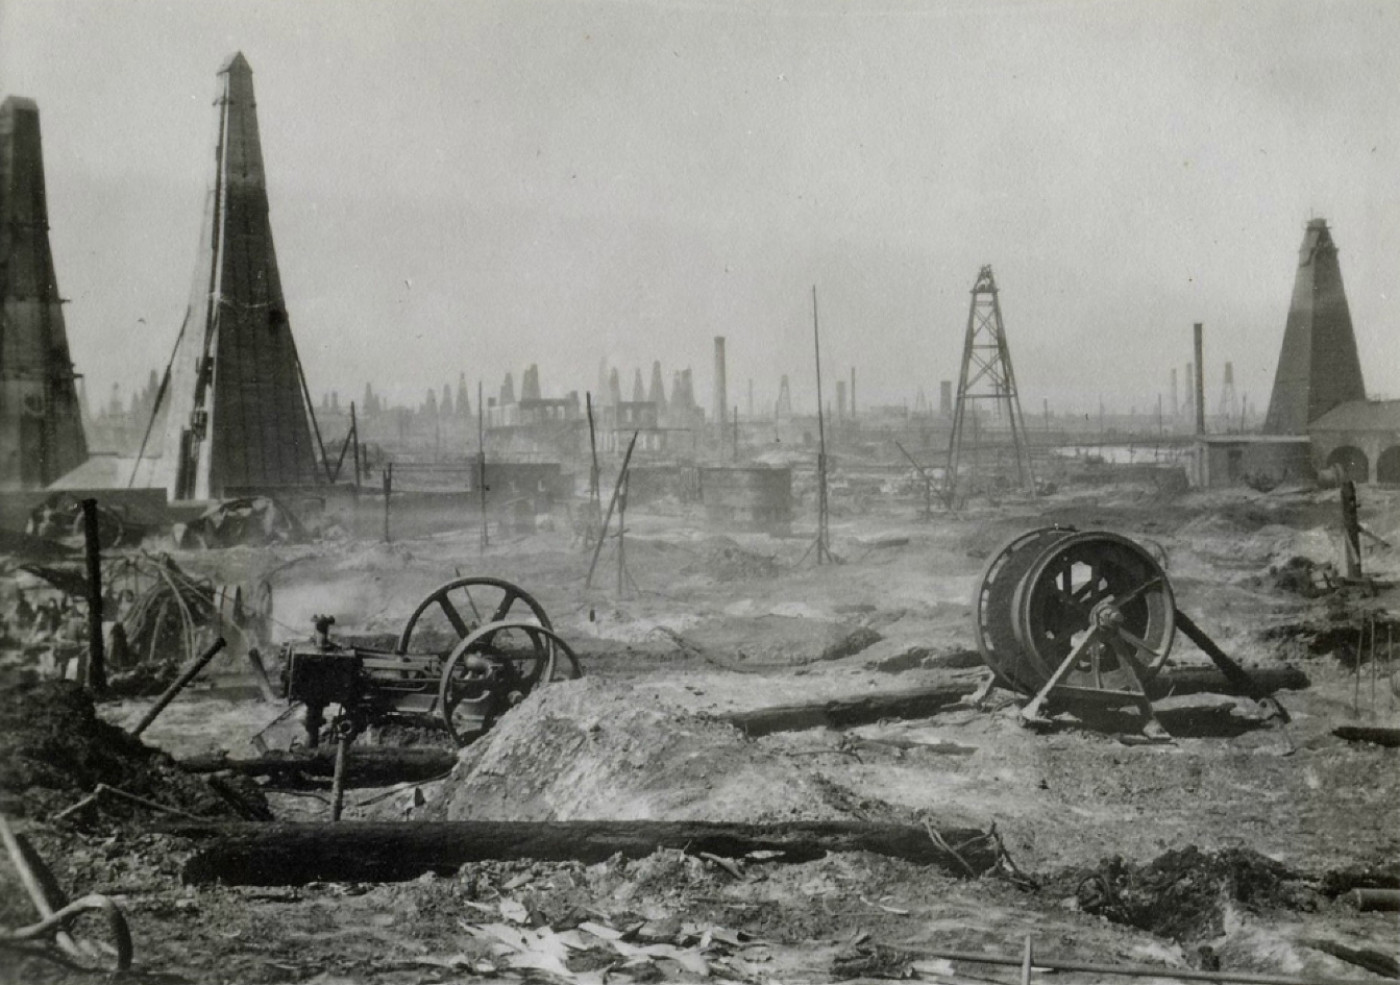 На території розміщувалось нафтове виробництво братів Нобель / Технопарк на території озера Беюк-Шор